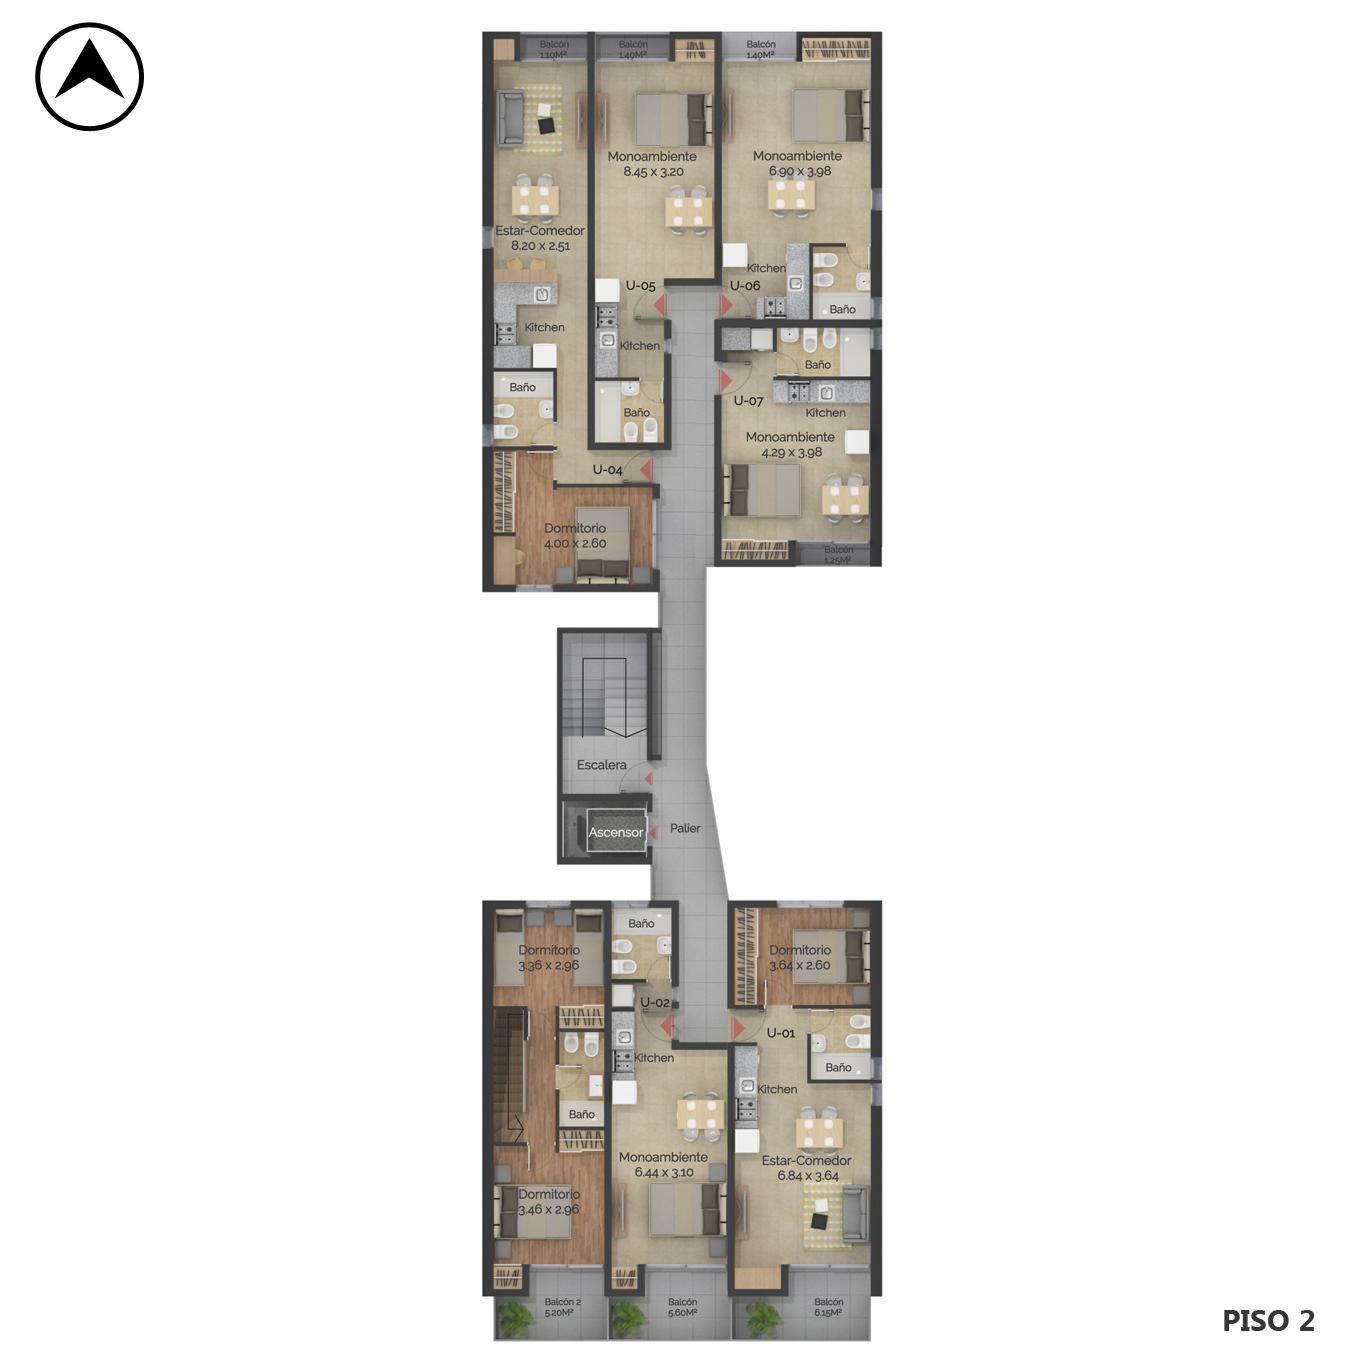 Venta departamento 1 dormitorio Rosario, Centro Oeste. Cod CBU24040 AP2248119. Crestale Propiedades